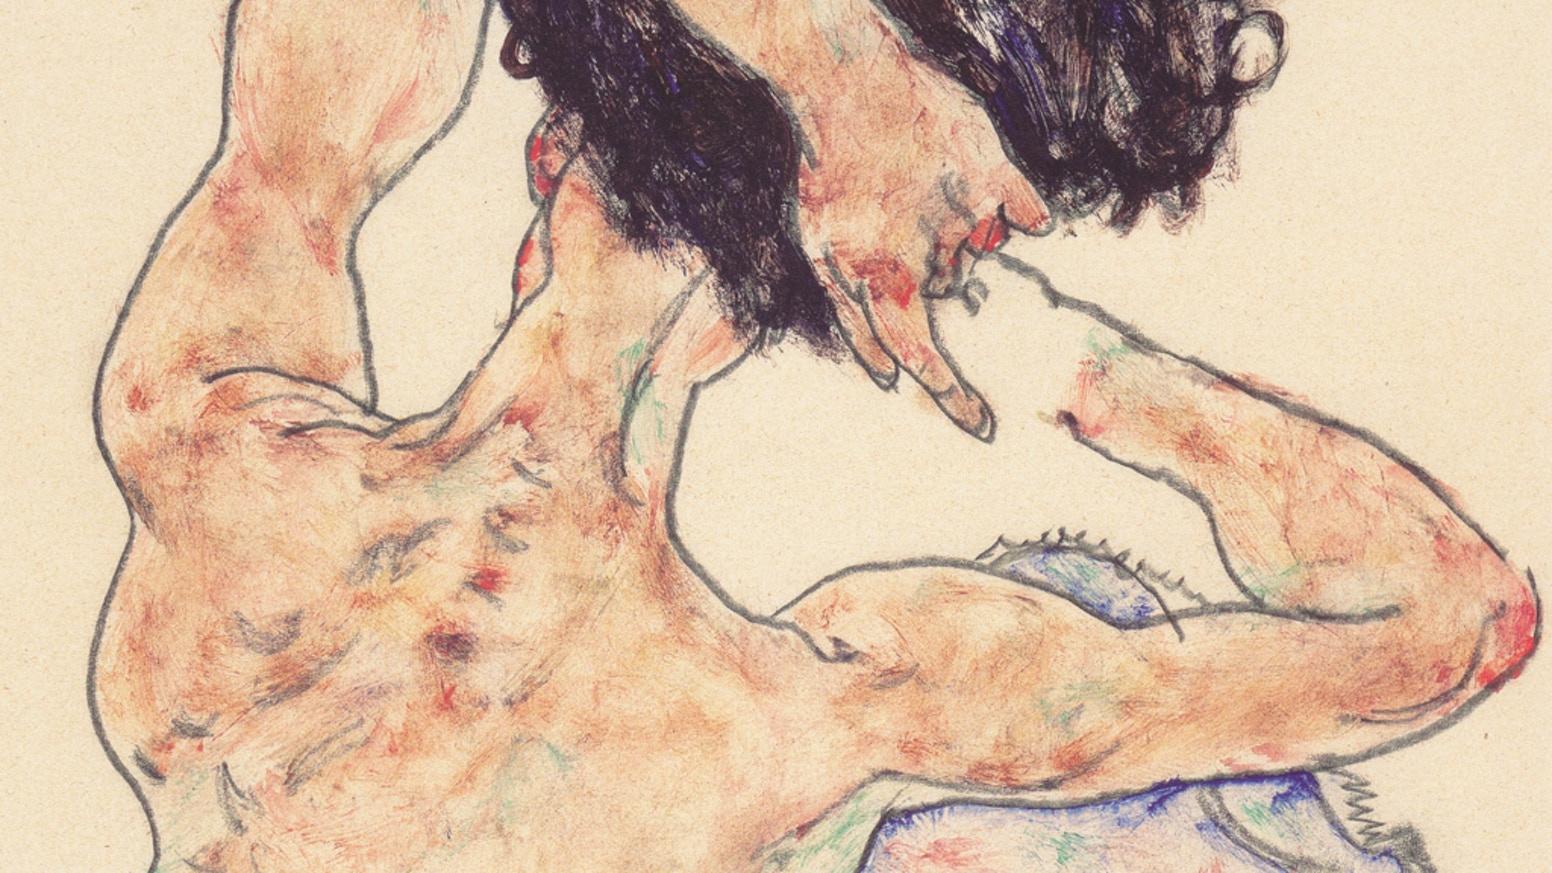 Facebook можливо дозволить публікувати твори мистецтва із зображенням оголеного тіла